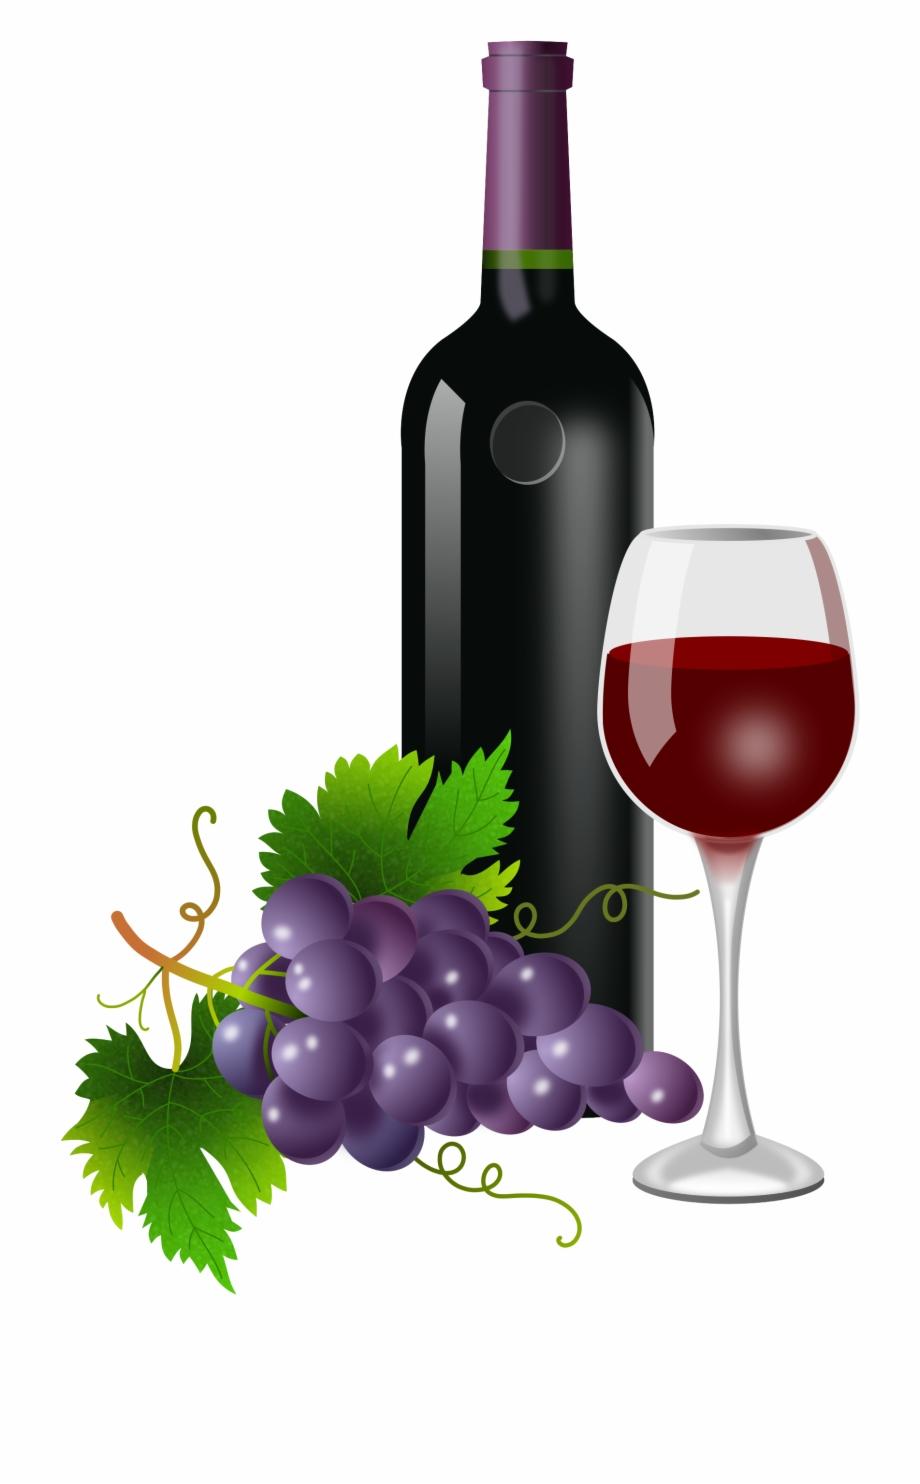 Grapes clipart wine bottle, Grapes wine bottle Transparent.